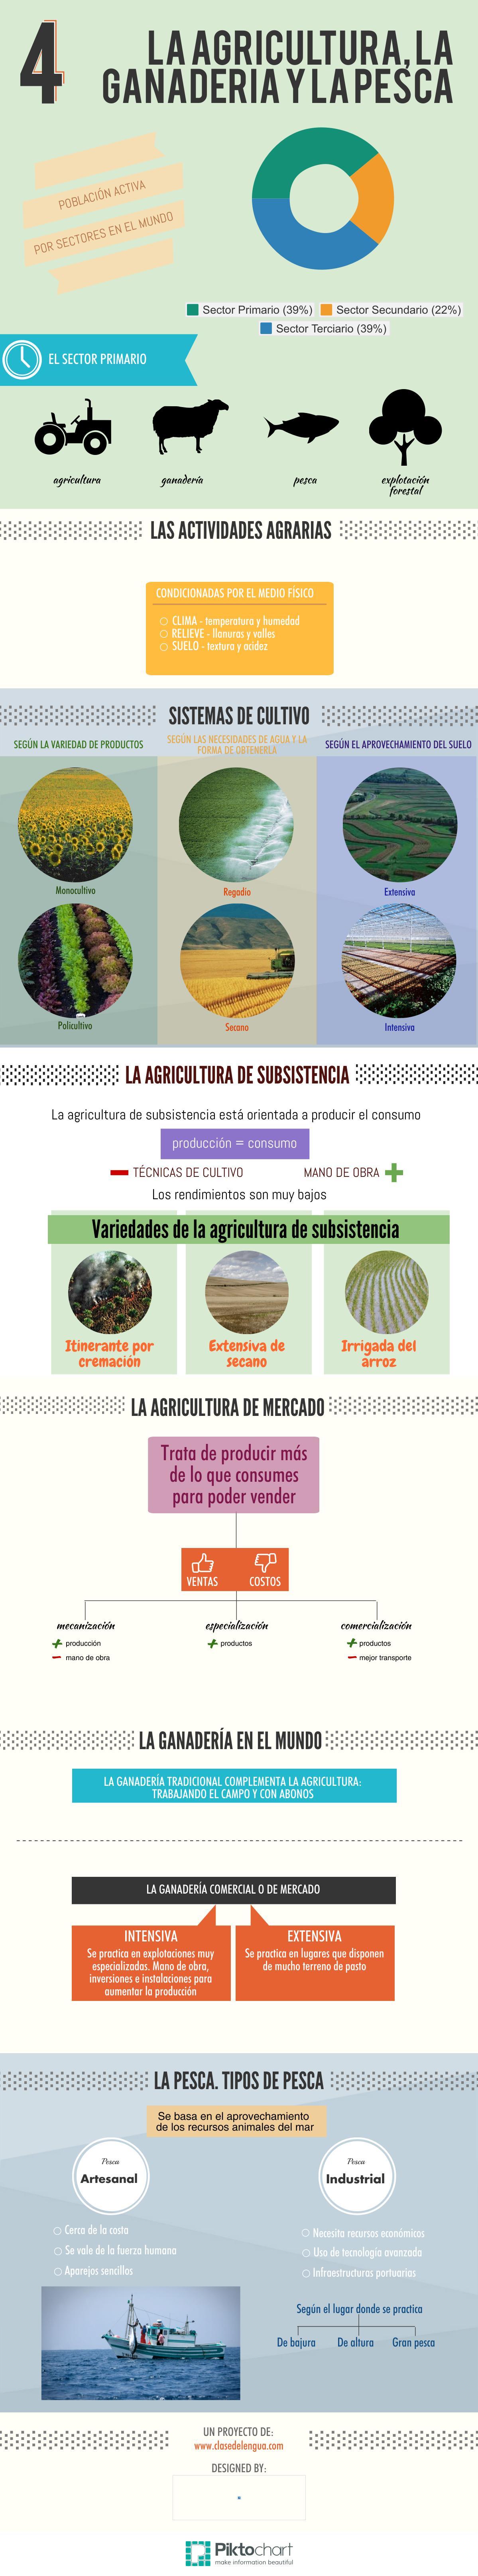 La agricultura, ganadería y pesca